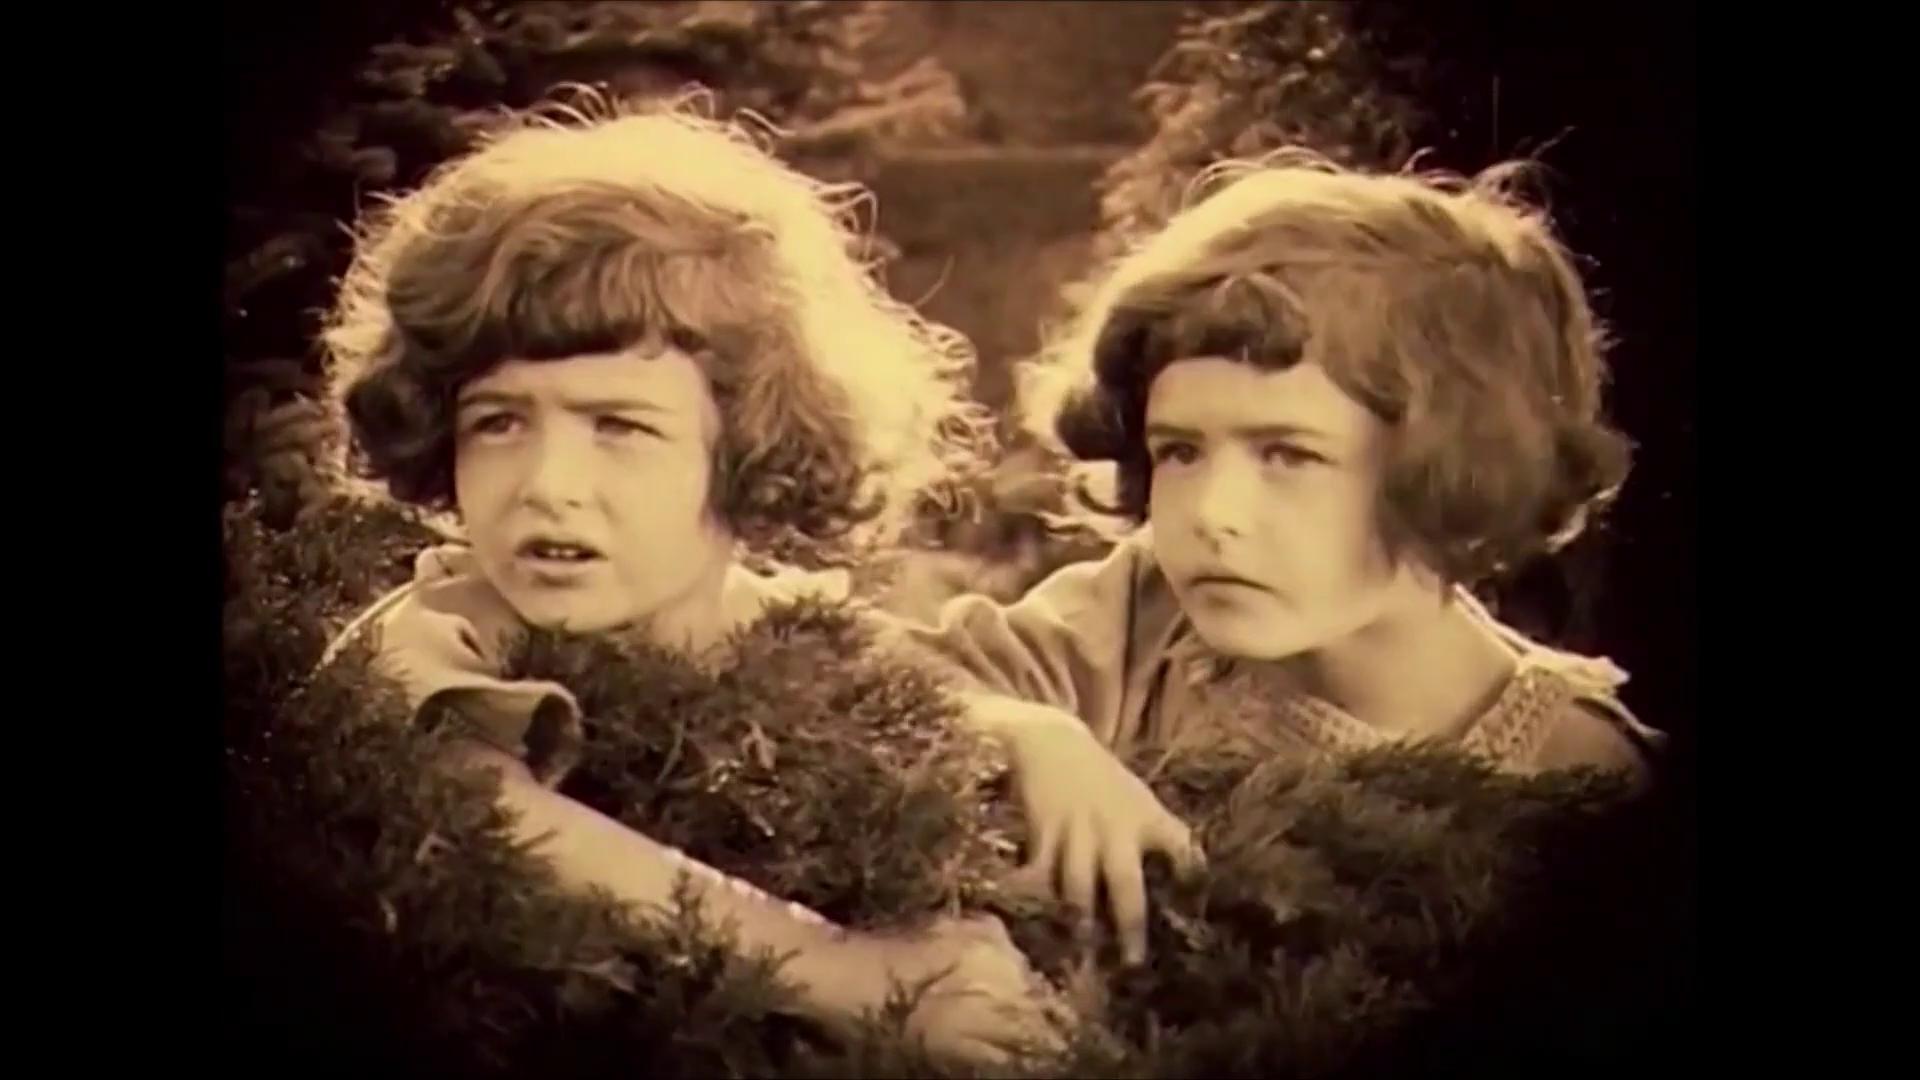 Les jumeaux Barry dans le film muet hongrois Egy fiúnak a fele (1924) de Géza von Bolváry